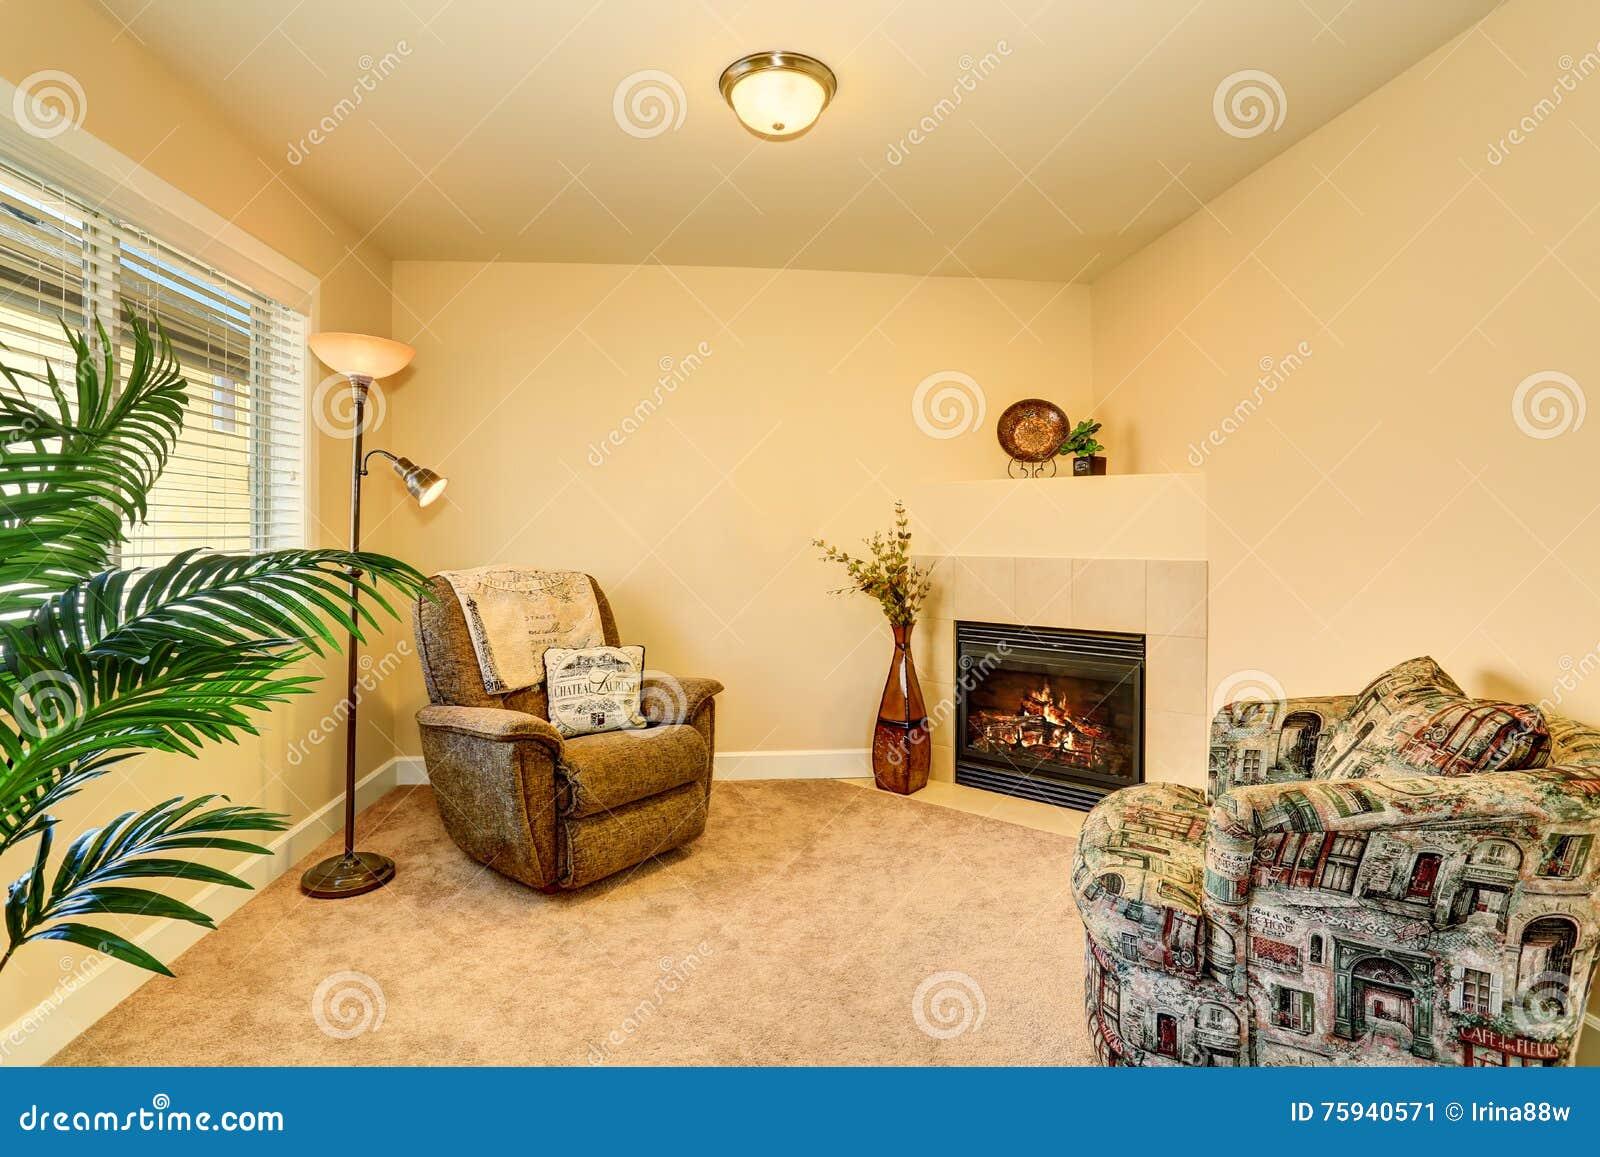 diseño de sala de estar de chimenea de esquina Interior Acogedor De La Sala De Estar Con Dos Butacas Y